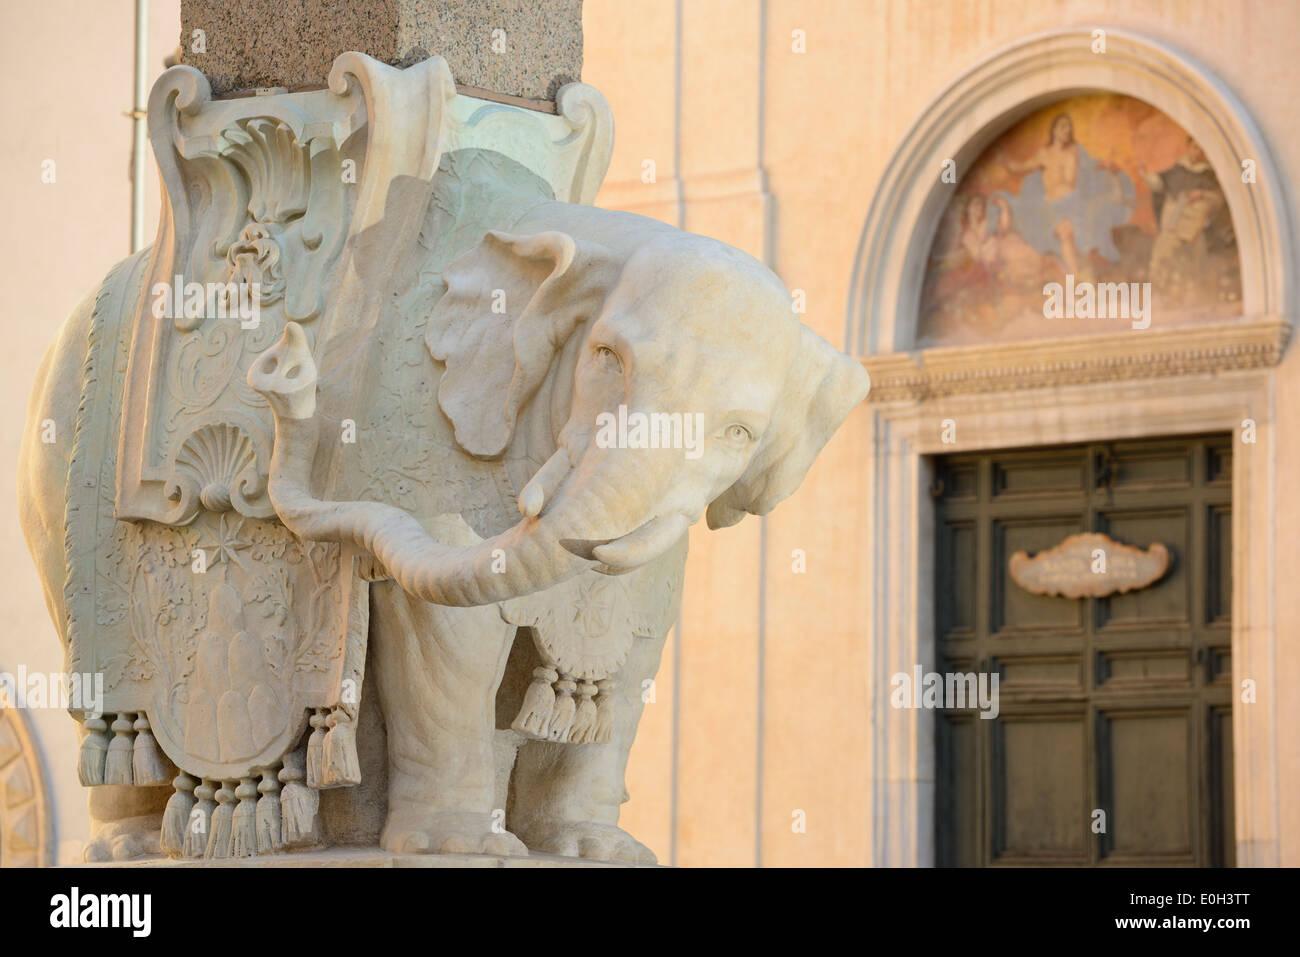 Elefante in marmo che trasportano obelisco, scultura dell'artista Bernini, Piazza della Minerva, Sito Patrimonio Mondiale dell'UNESCO Roma, Roma, Lati Immagini Stock